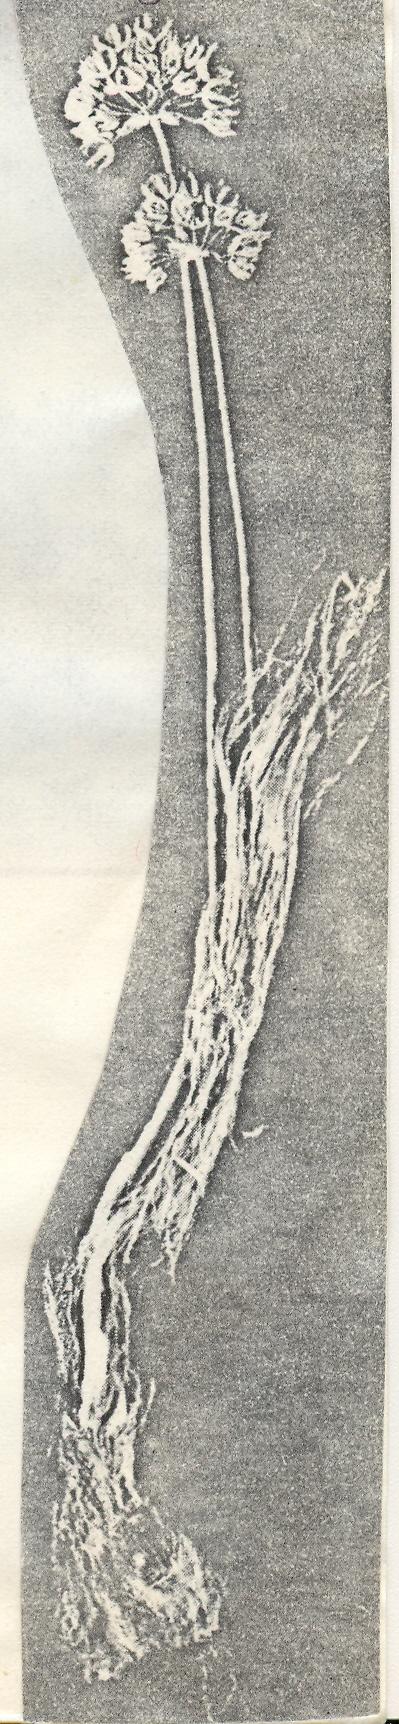 Allium%20longicollum.jpg